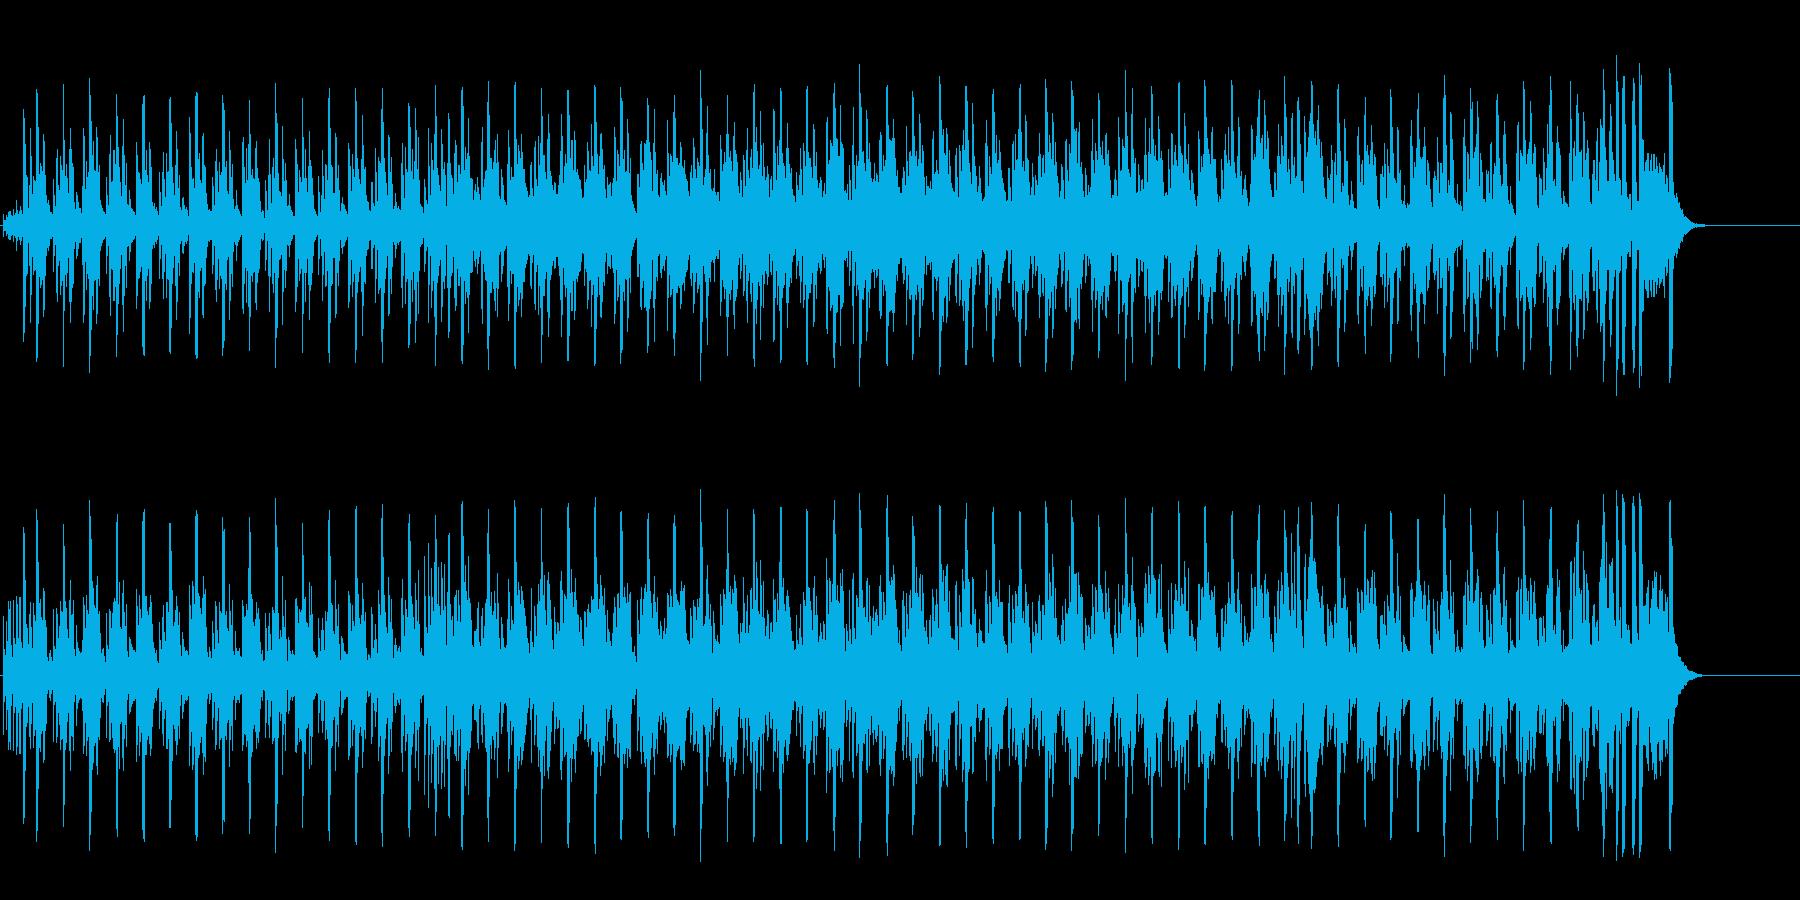 陽気な南国ムードののどかなレゲエポップの再生済みの波形